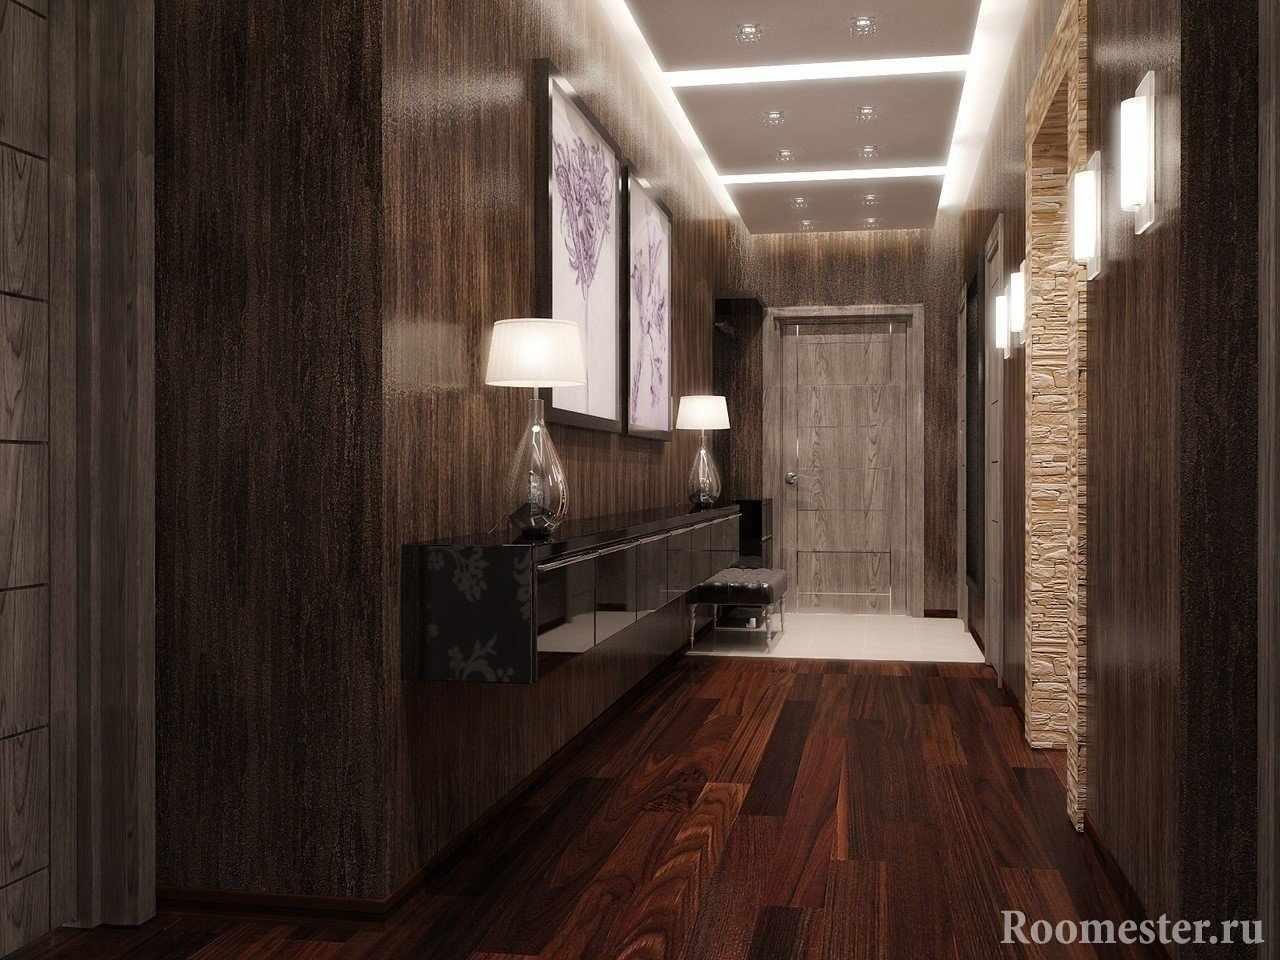 Прихожая со светлой плиткой и коридор с ламинатом